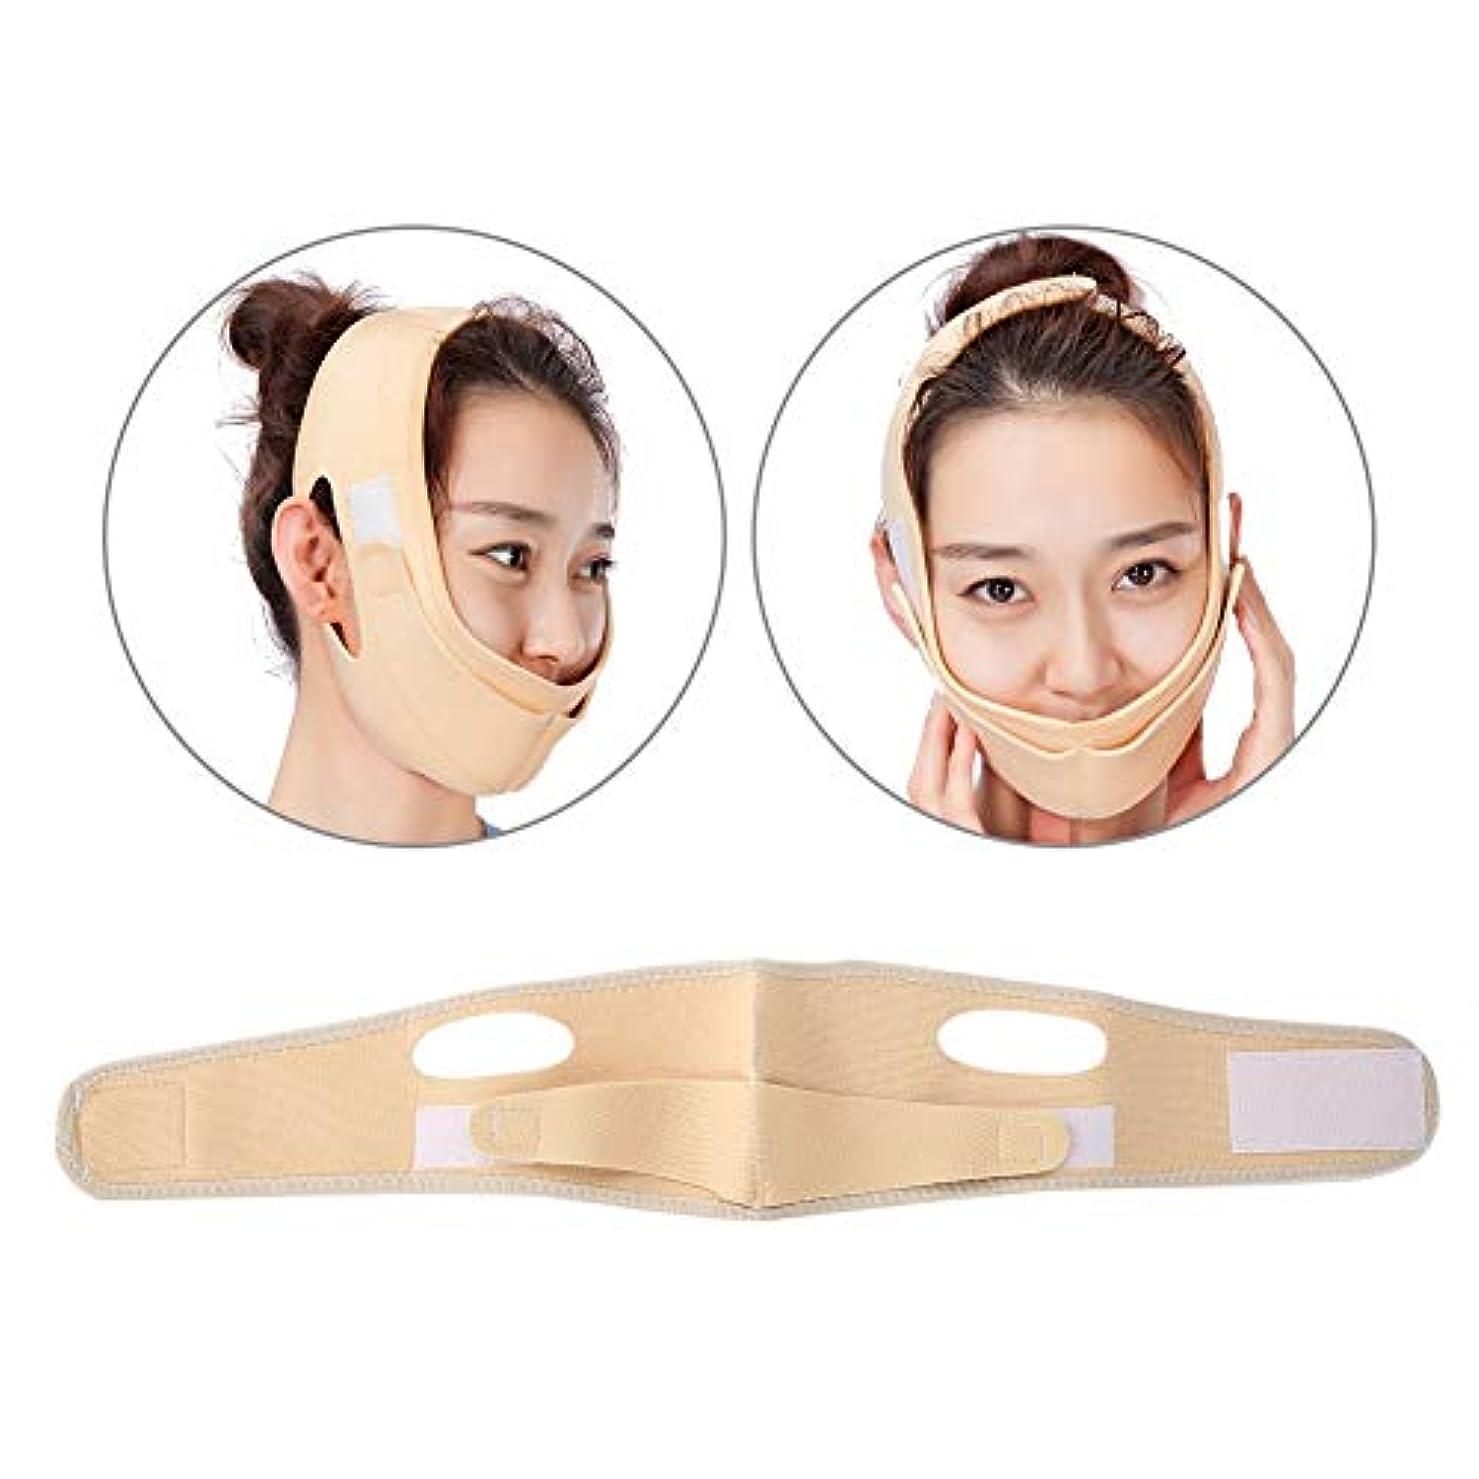 心配女性成功するフェイスリフト用 フェイスマスク 顔輪郭を改善する 美容包帯 通気性/伸縮性/変形不可(01)